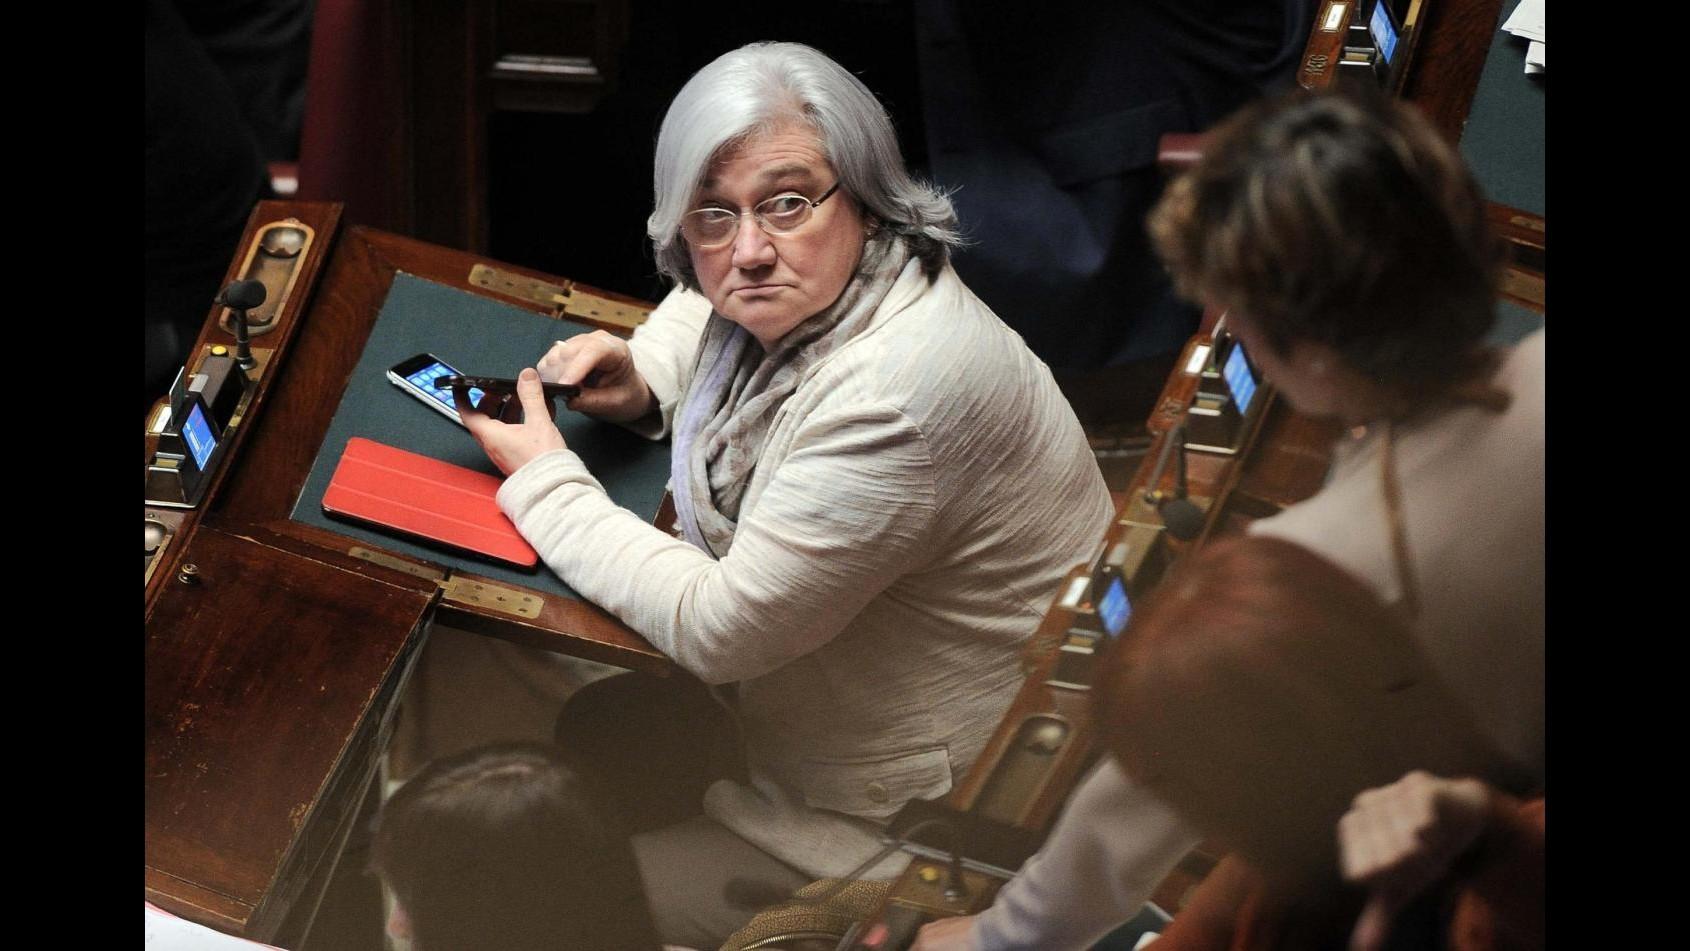 Regionali, per l'Antimafia 16 impresentabili: De Luca denuncia Rosy Bindi per diffamazione